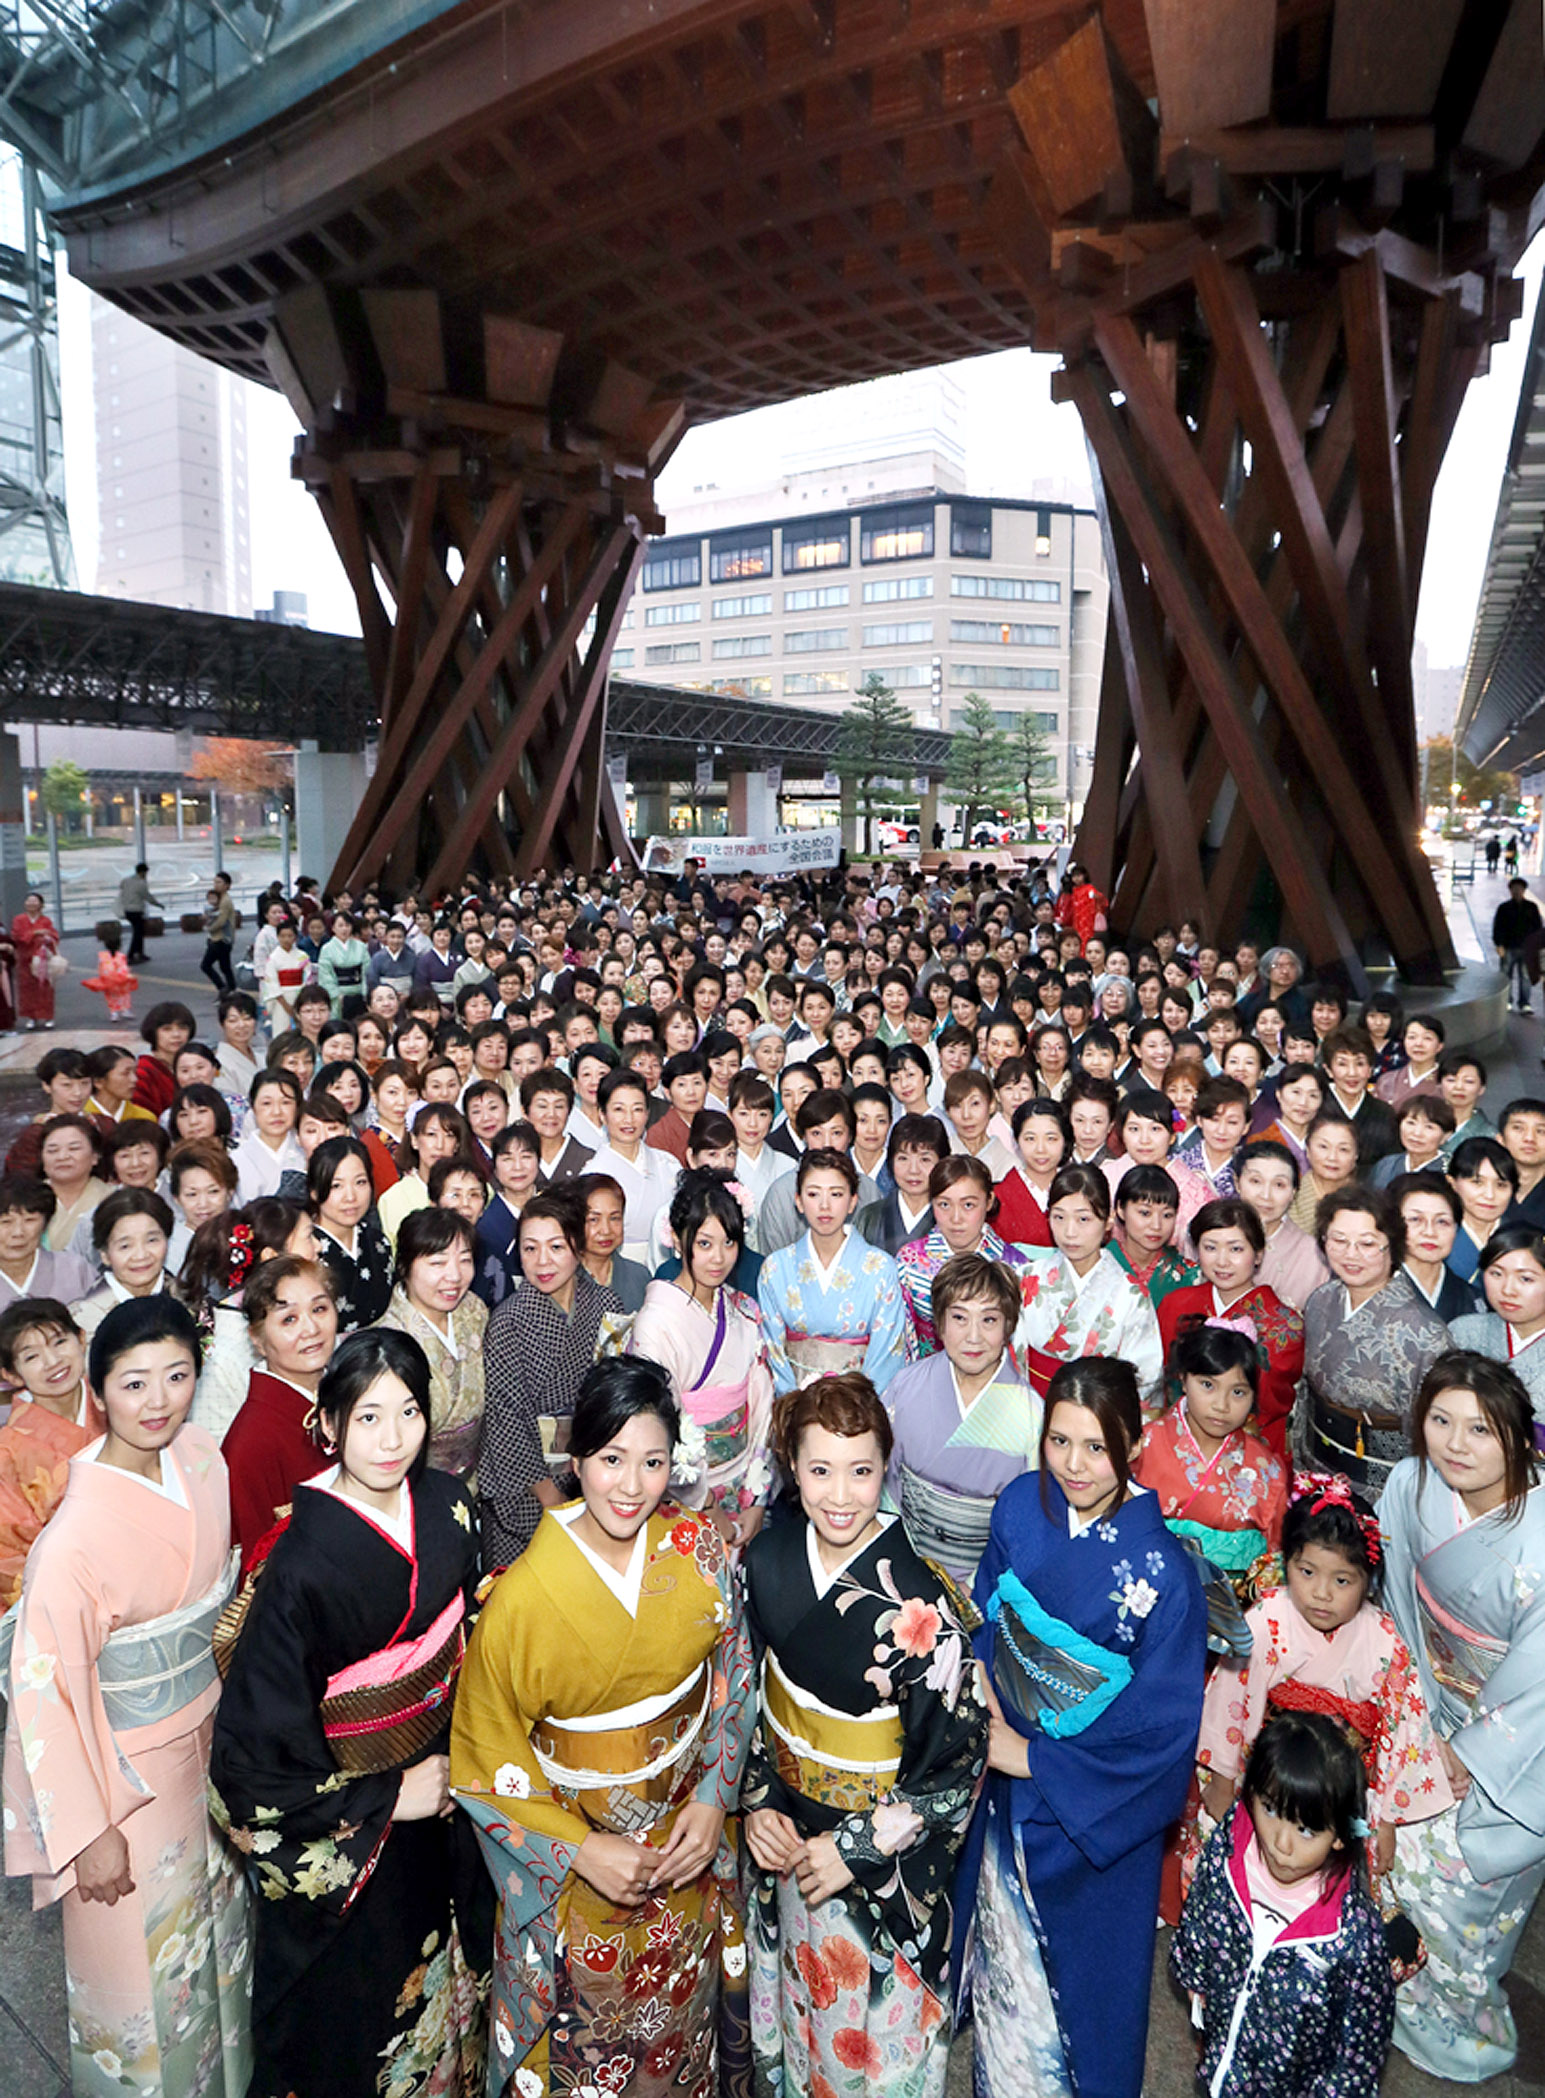 華やかな着物姿で記念撮影する参加者=金沢駅鼓門前